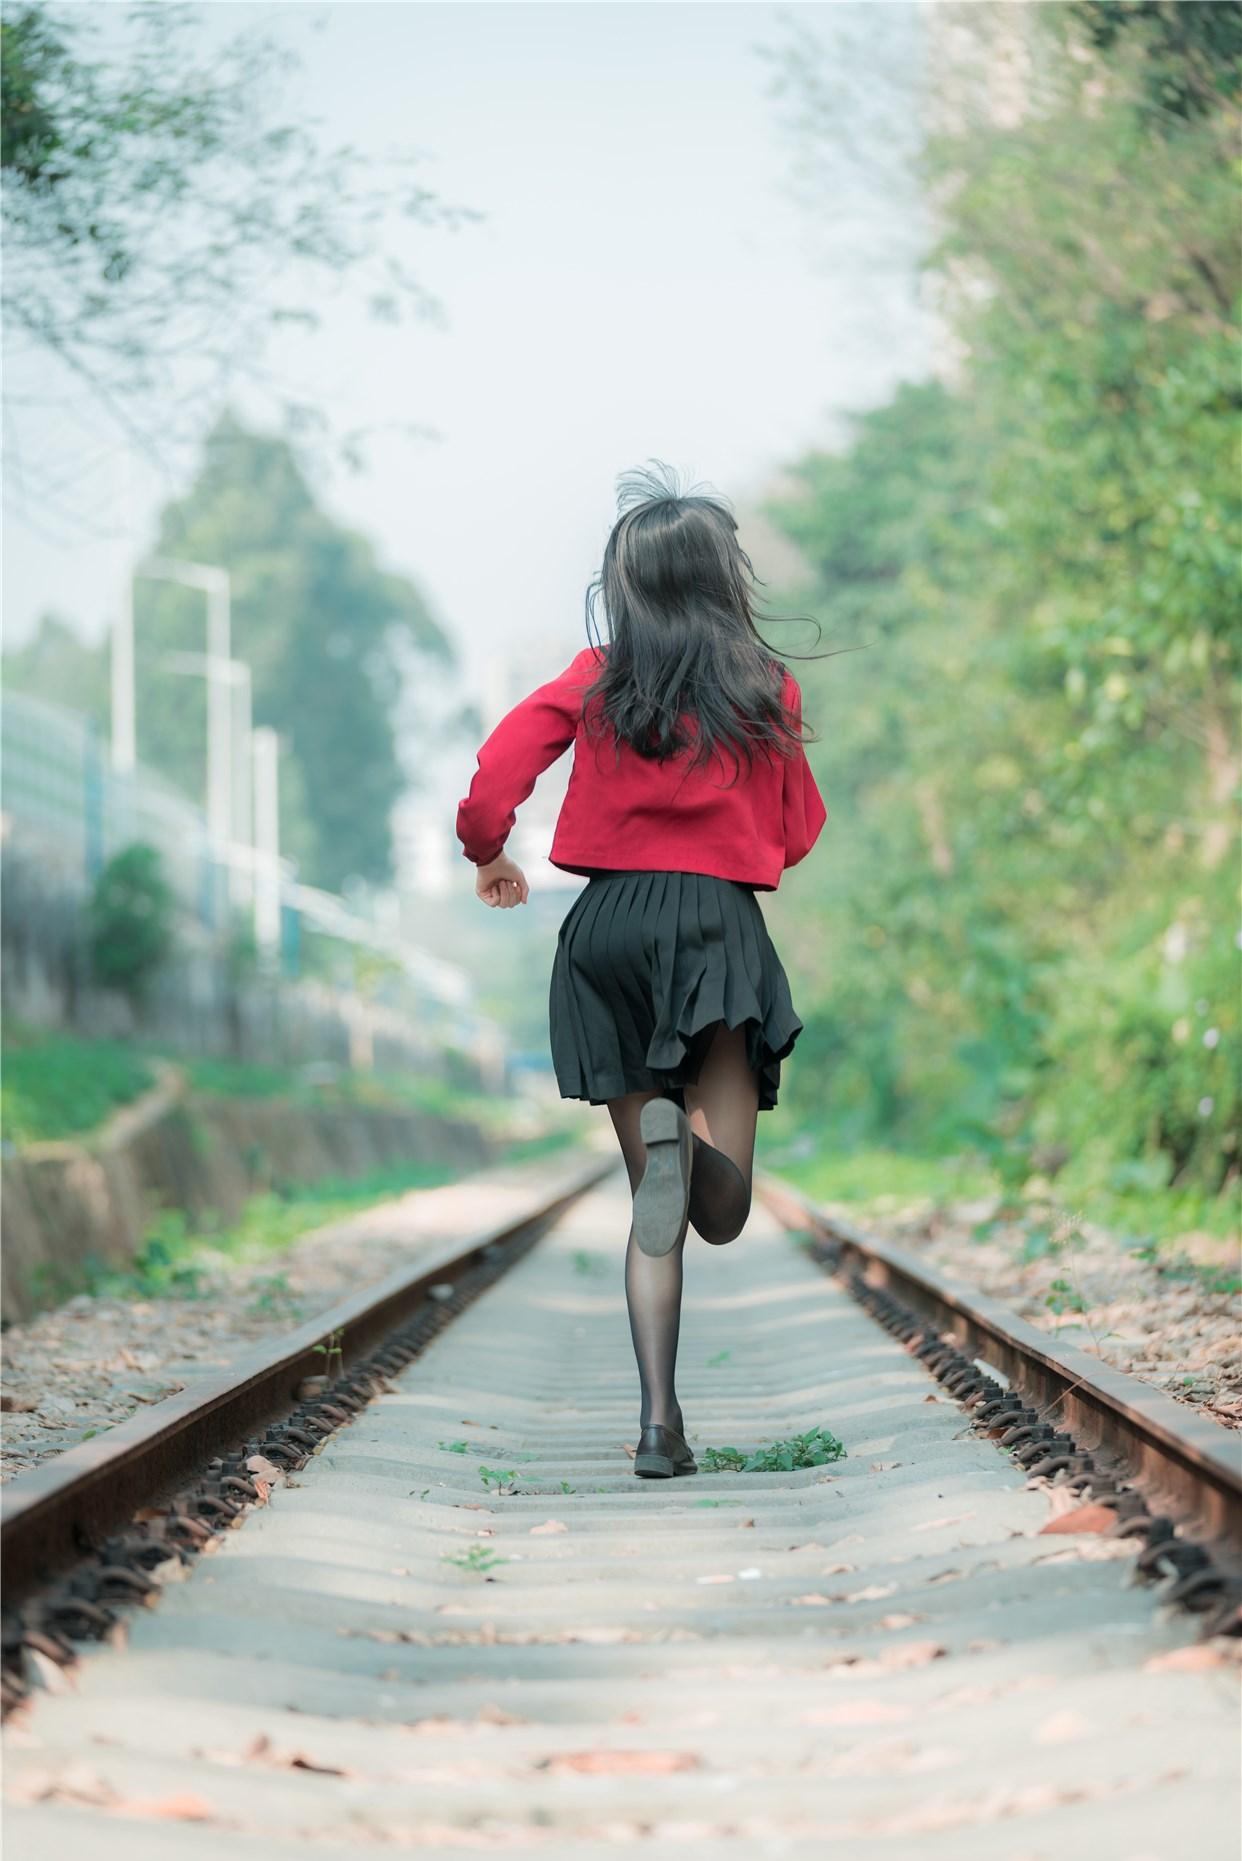 【兔玩映画】奔跑的红色JK 兔玩映画 第2张